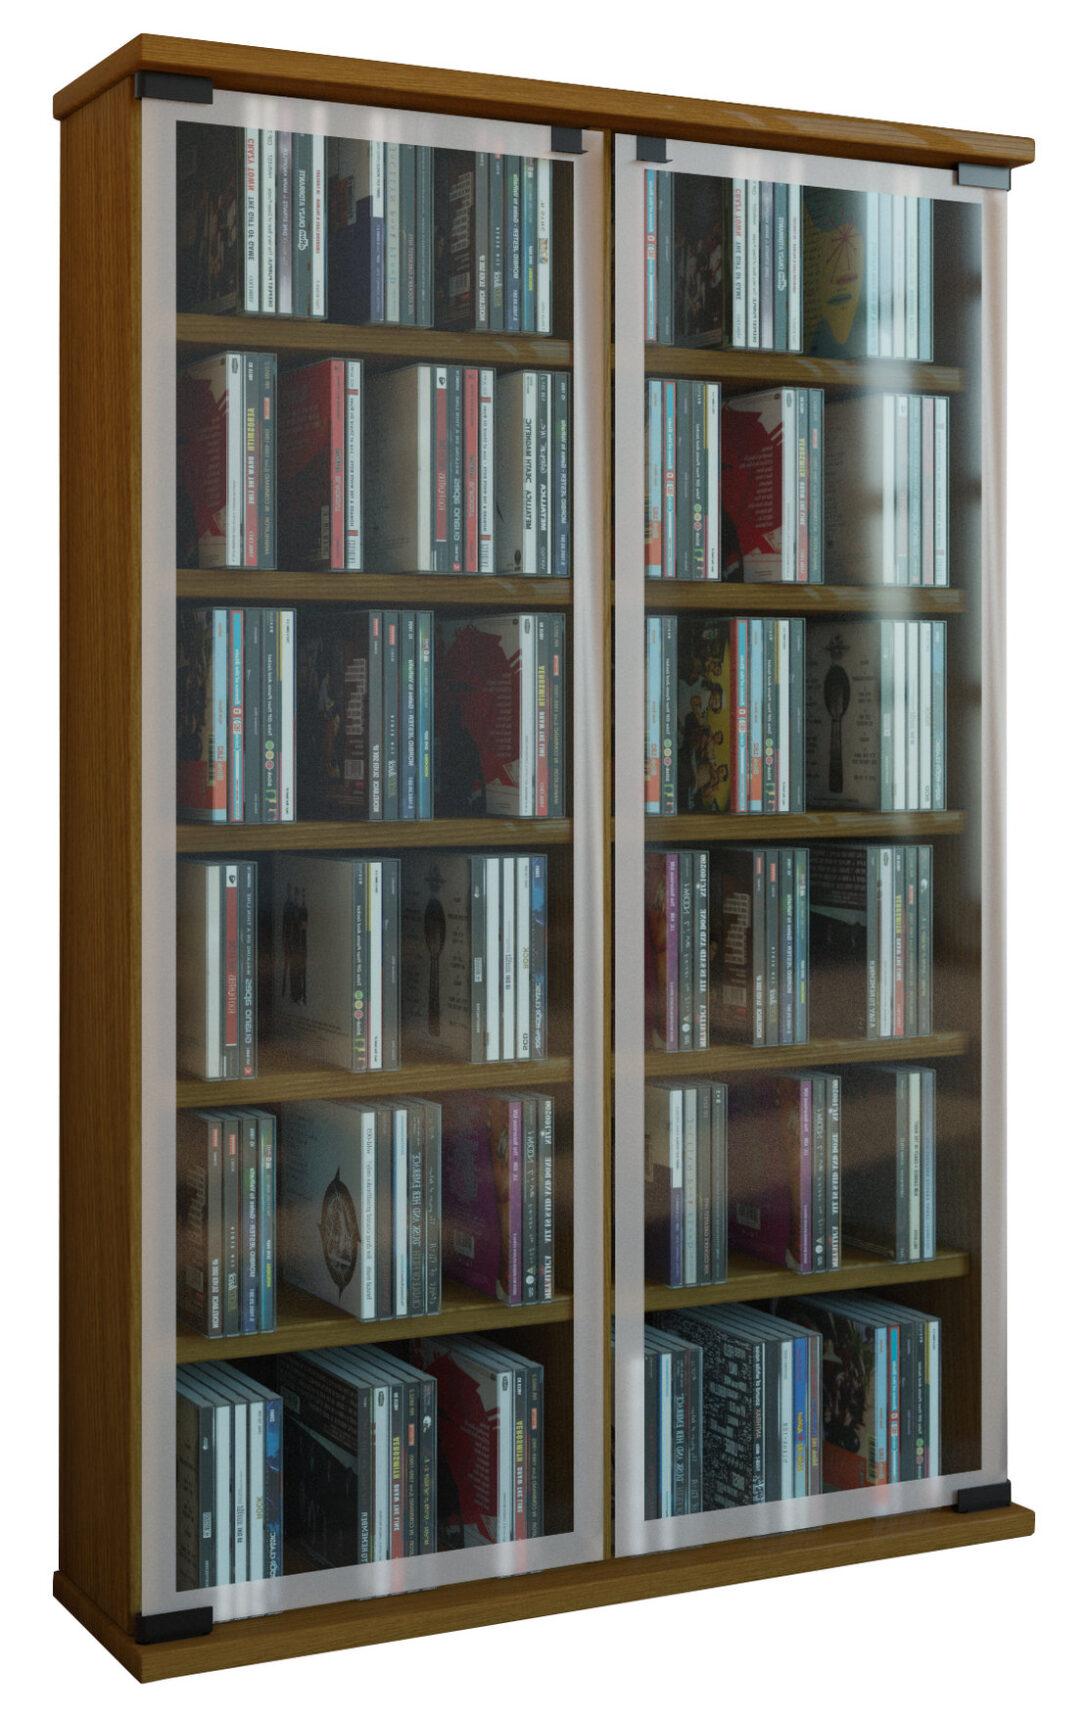 Large Size of Blu Ray Regal Konfigurator Offenes 25 Cm Tief Moormann Schreibtisch Bad Weiß Für Getränkekisten Graues Regale Metall Tisch Kombination Weis Kleiderschrank Regal Blu Ray Regal